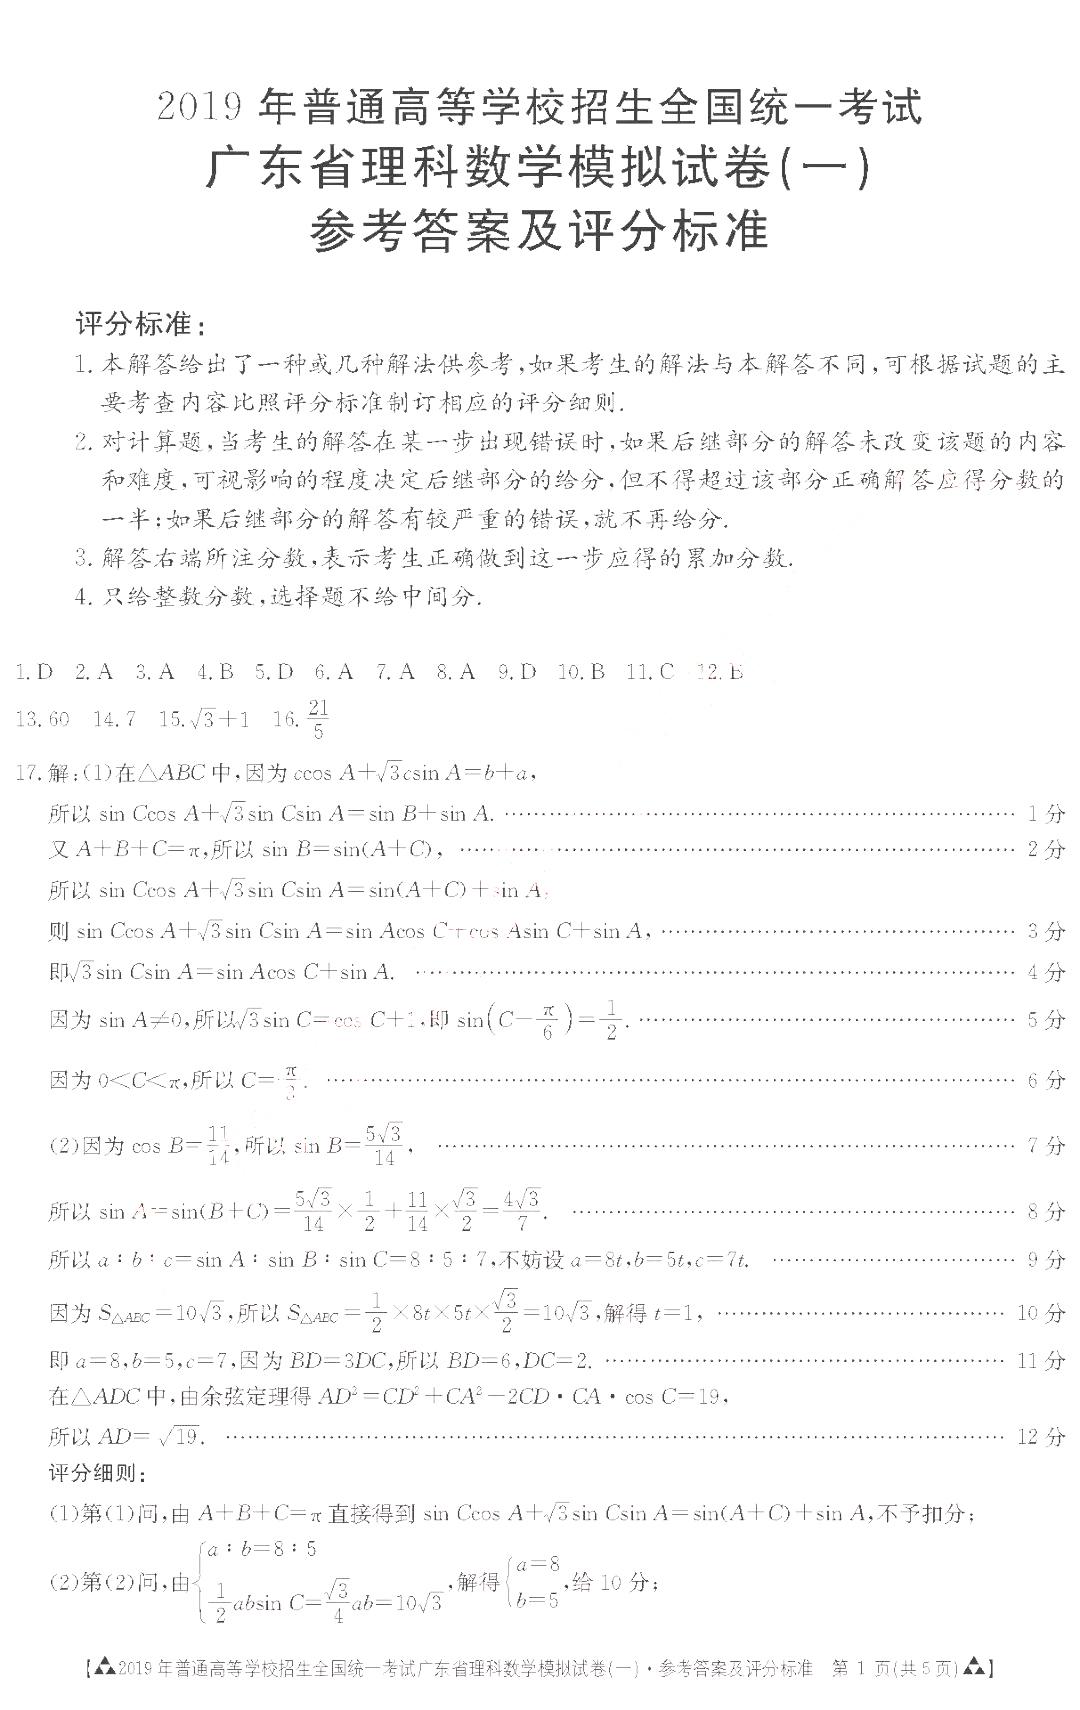 普通高等学校招生全国统一考试2019广东省理科数学试题与答案出炉!